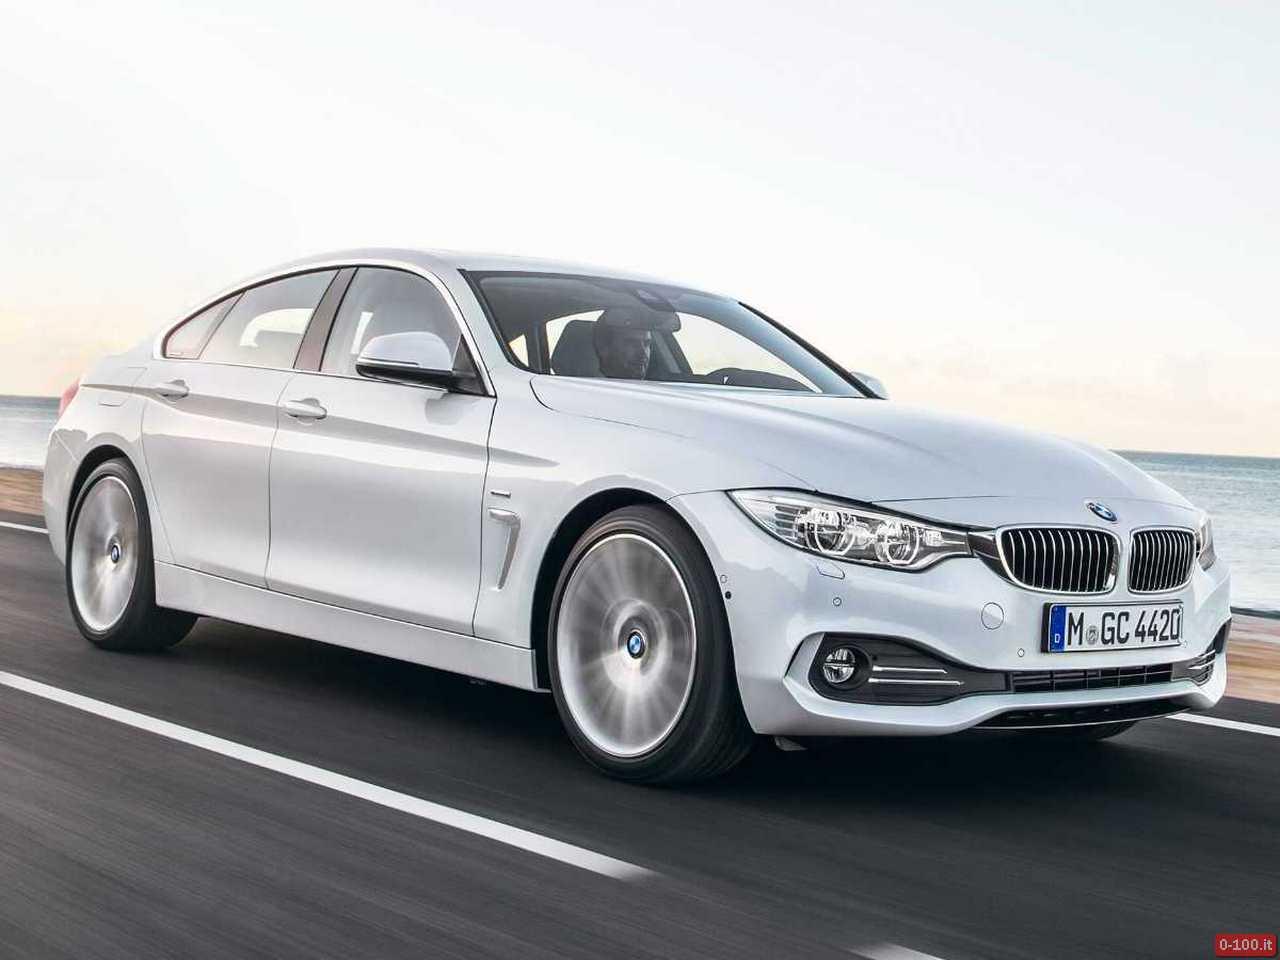 bmw-serie-4-gran-coupe-prezzo-price-ginevra-geneve-2014-0-100_86